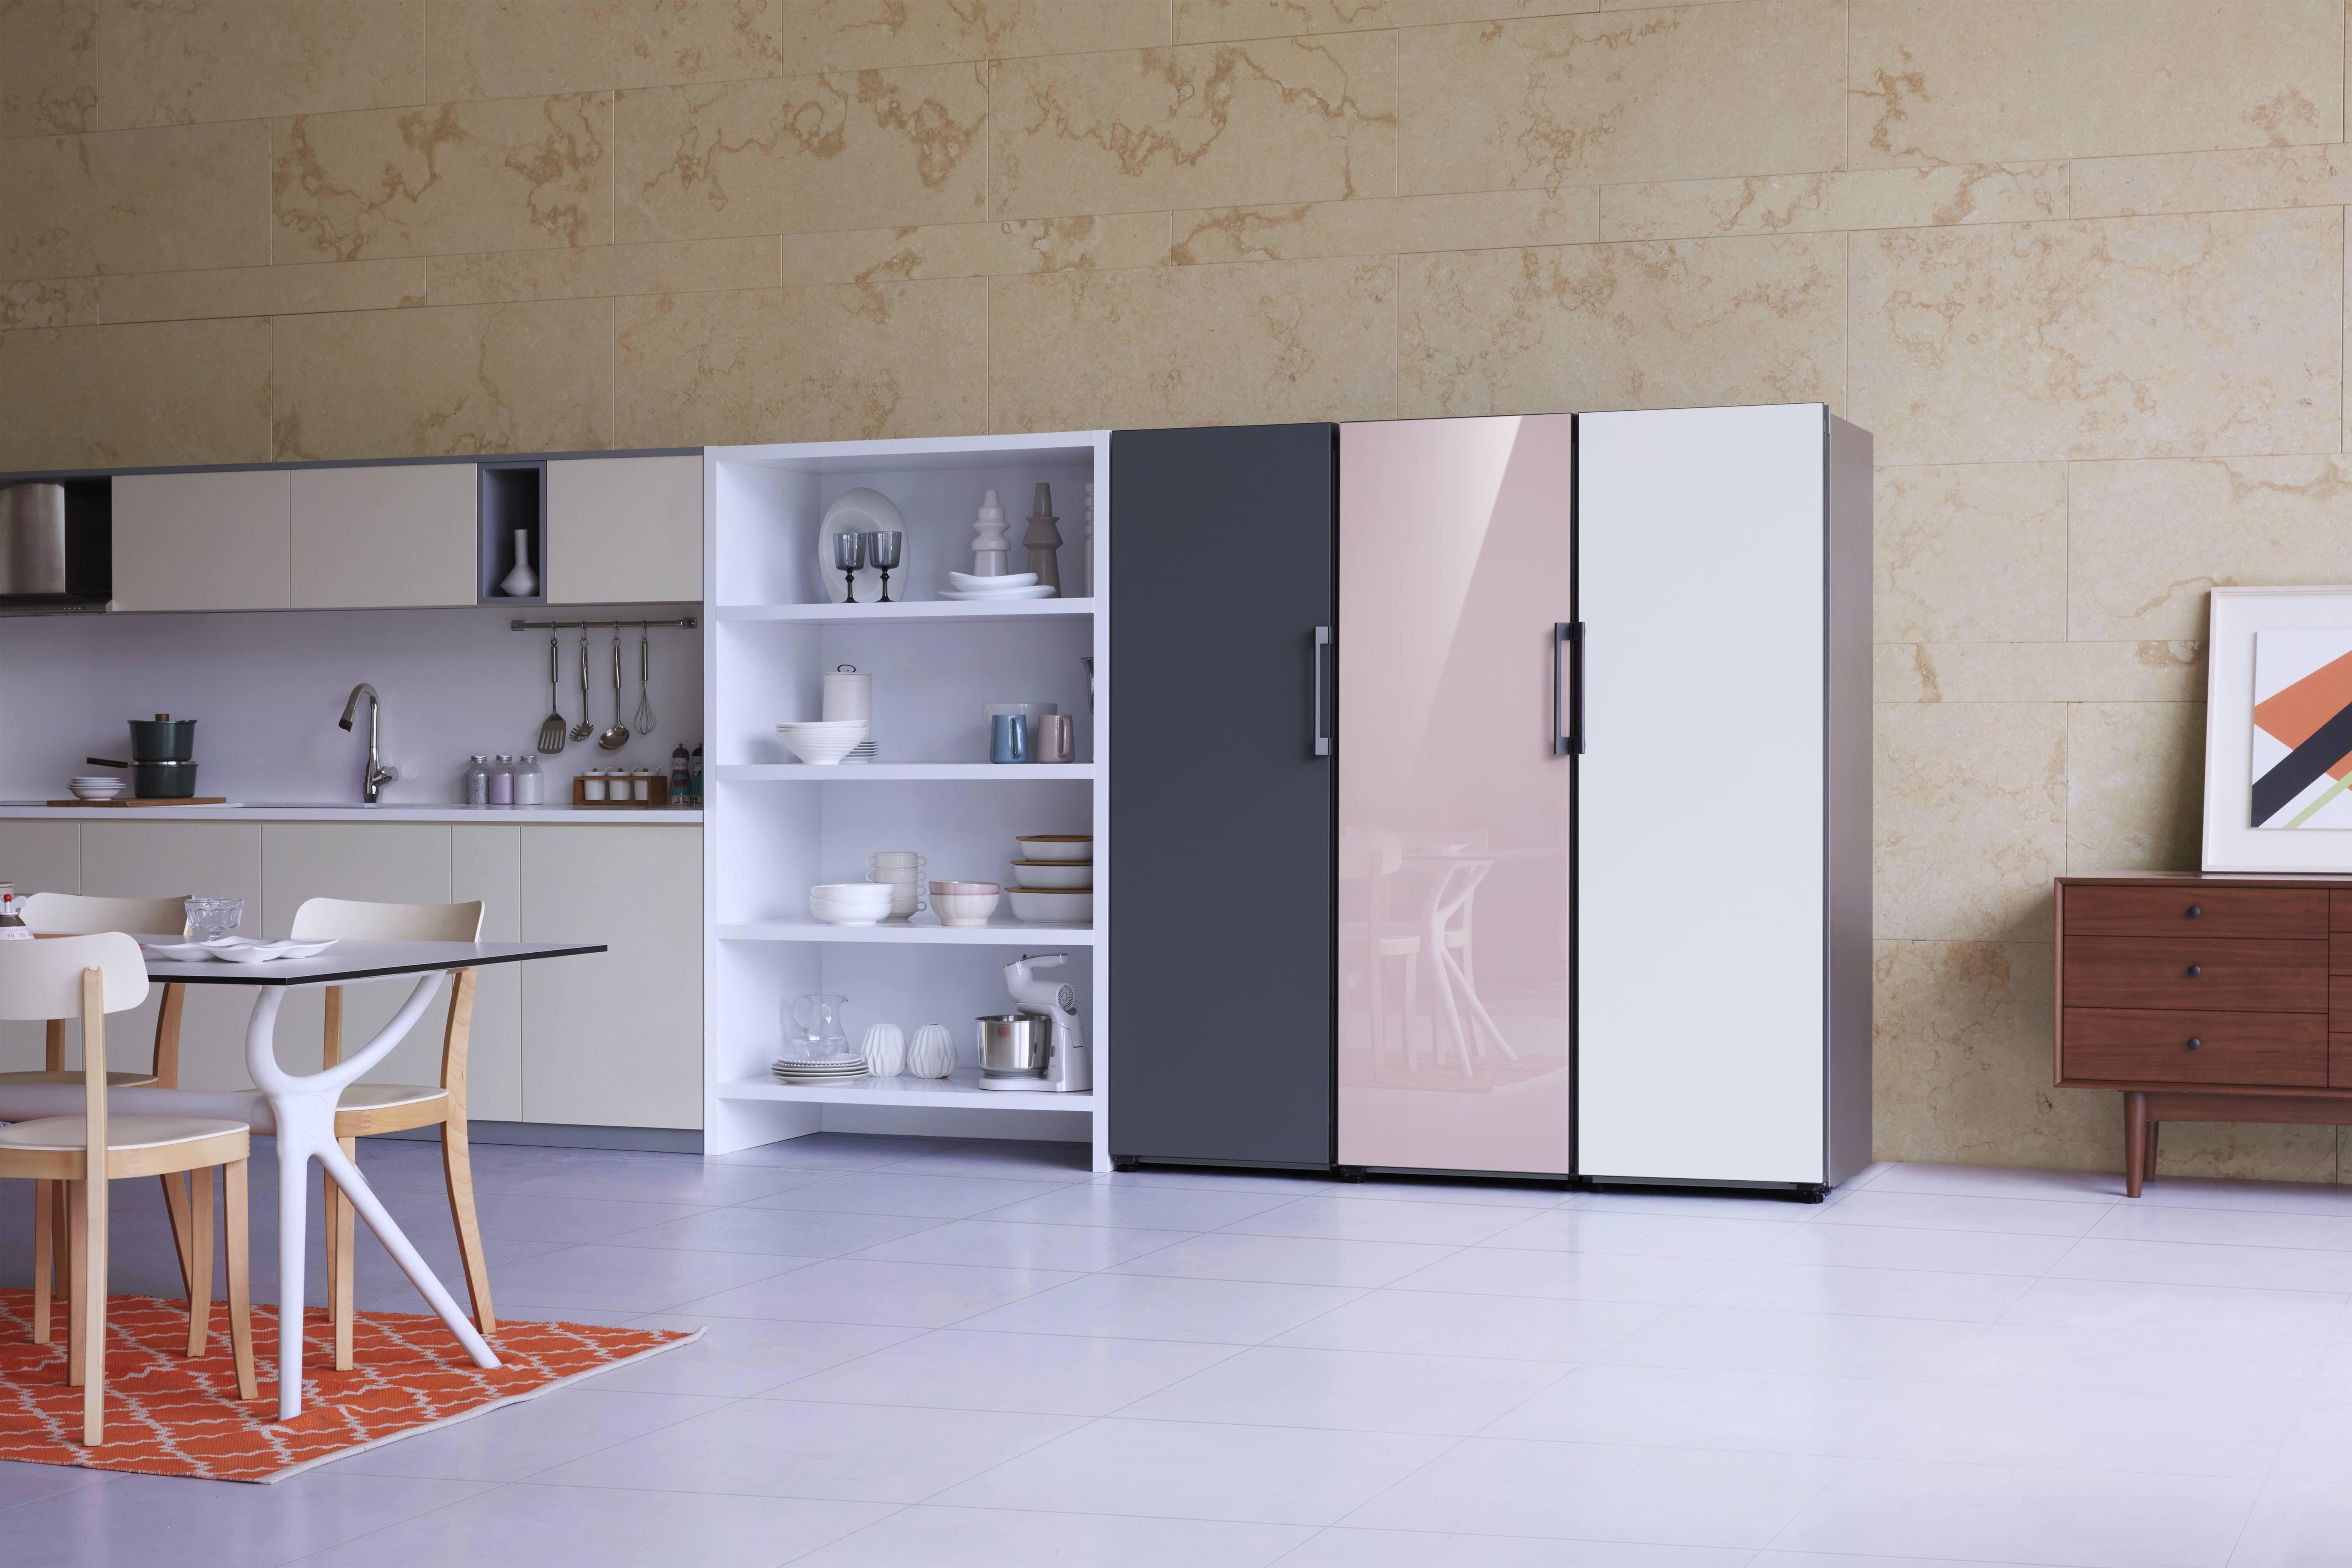 На IFA 2019 Samsung представит холодильник BESPOKE и  новую линейку премиальной встраиваемой бытовой техники